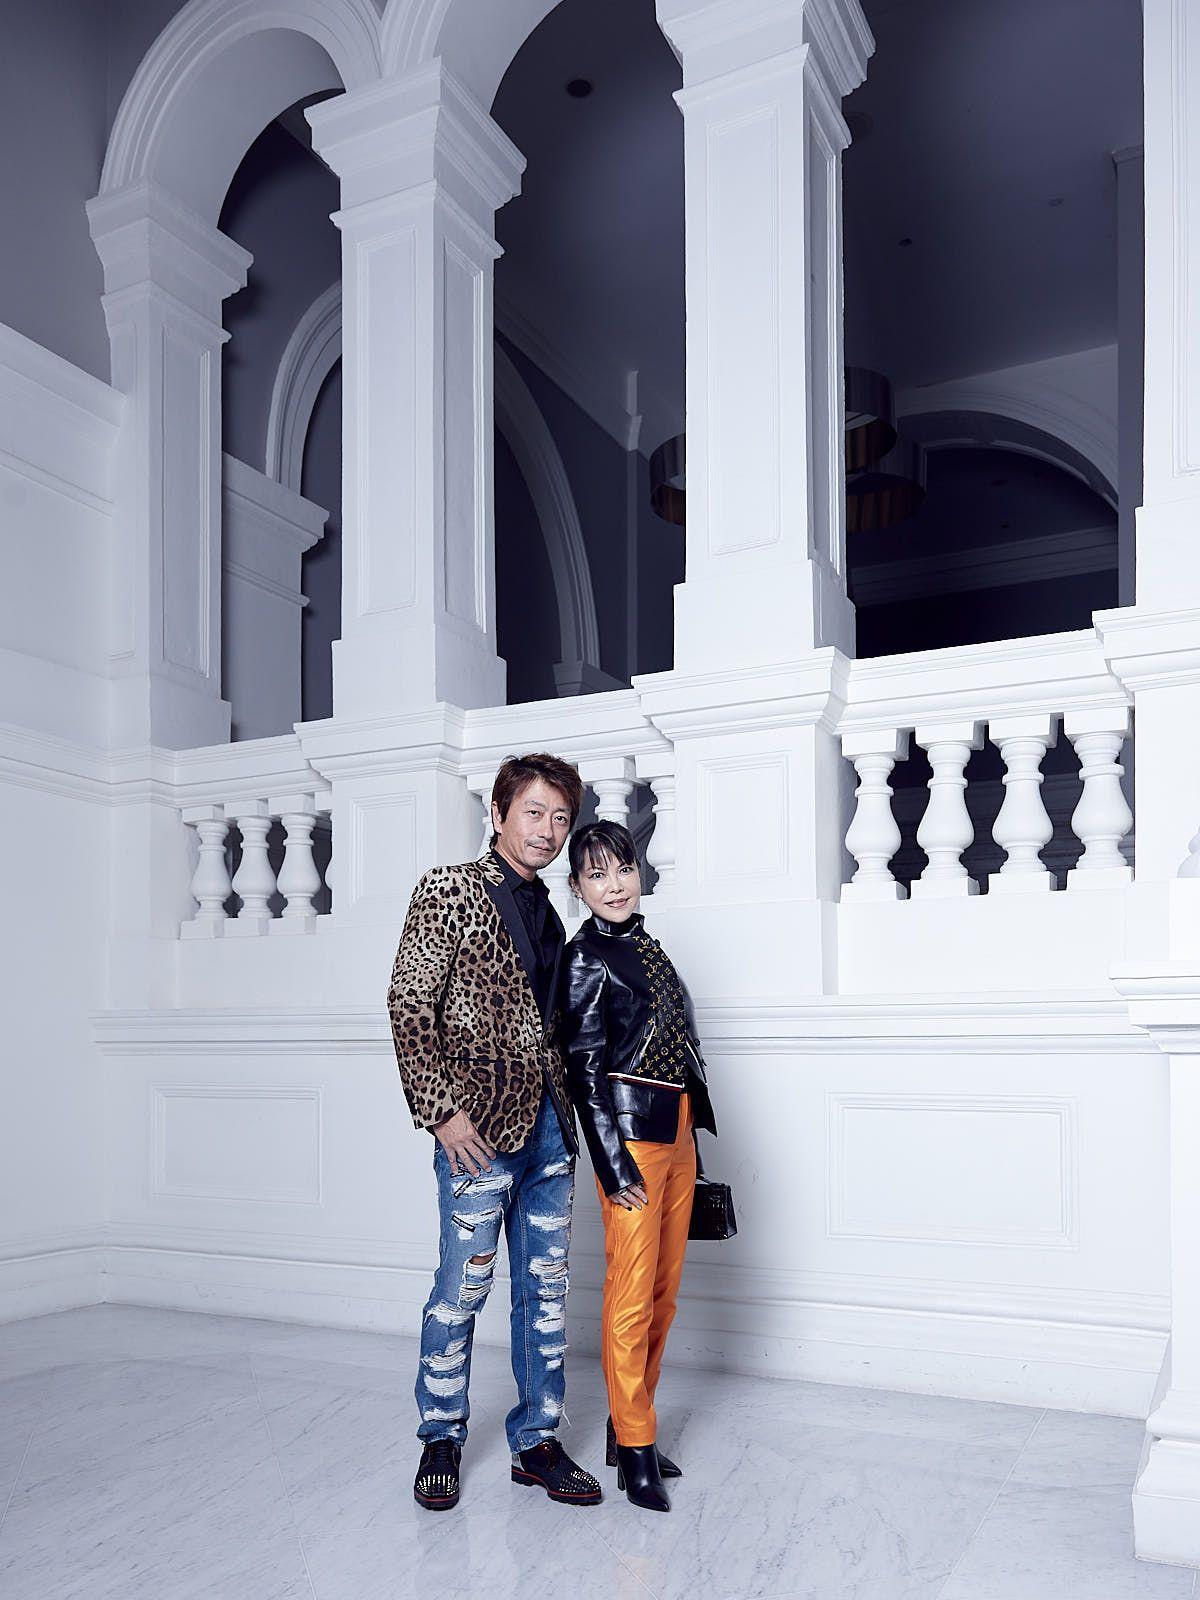 Kimihisa Abe in Dolce & Gabbana, Kyoko Abe in Louis Vuitton